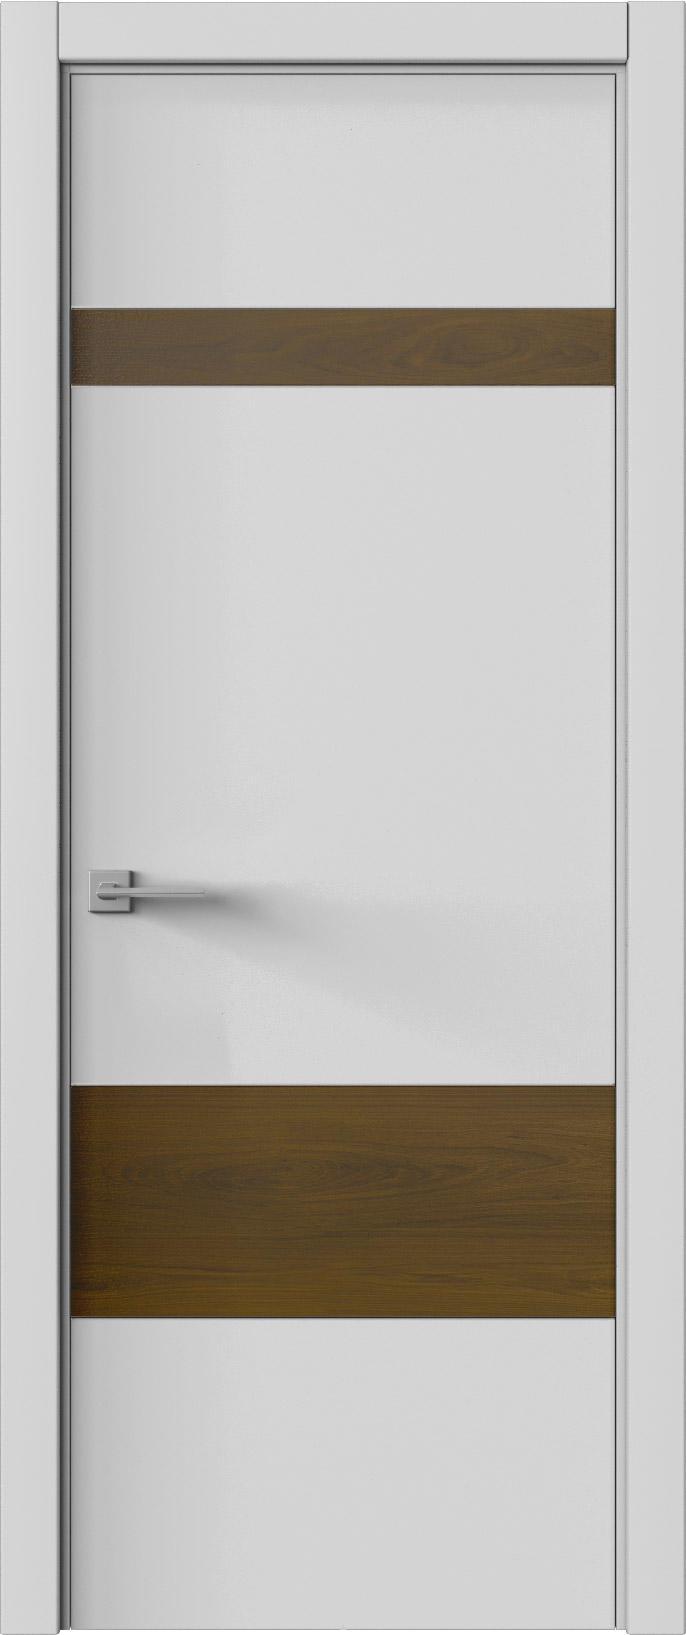 Tivoli К-4 цвет - Серая эмаль (RAL 7047) Без стекла (ДГ)